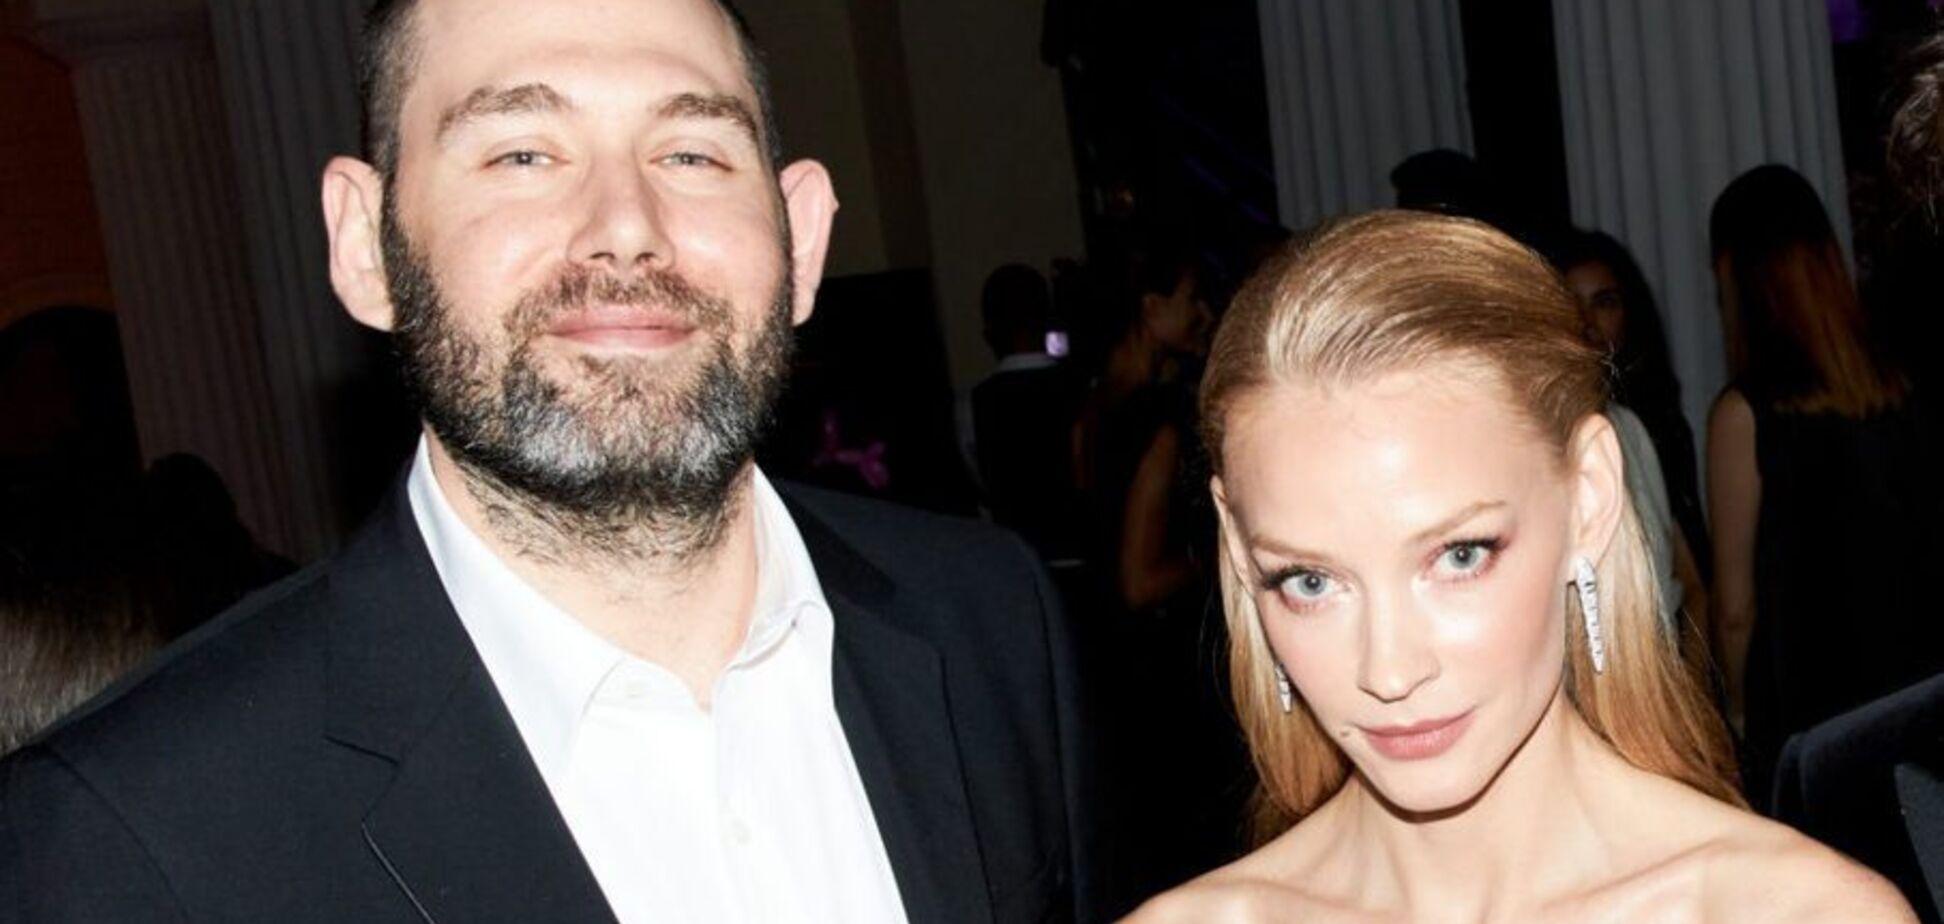 'По виду месяц пятый': российскую актрису заподозрили в беременности от женатого Слепакова